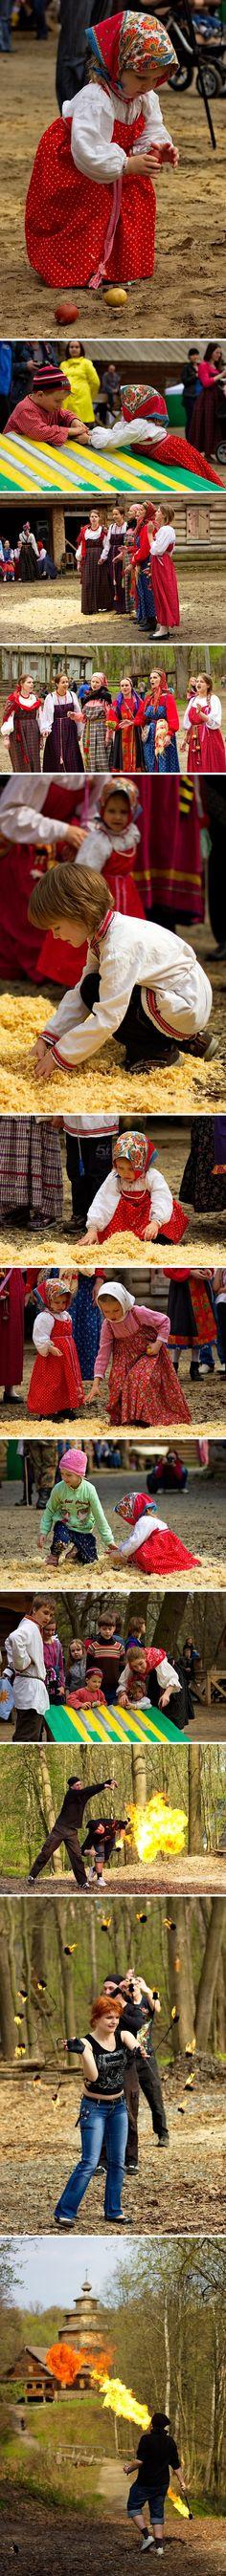 니즈니 노브고로드 '붉은언덕 축제' 현장